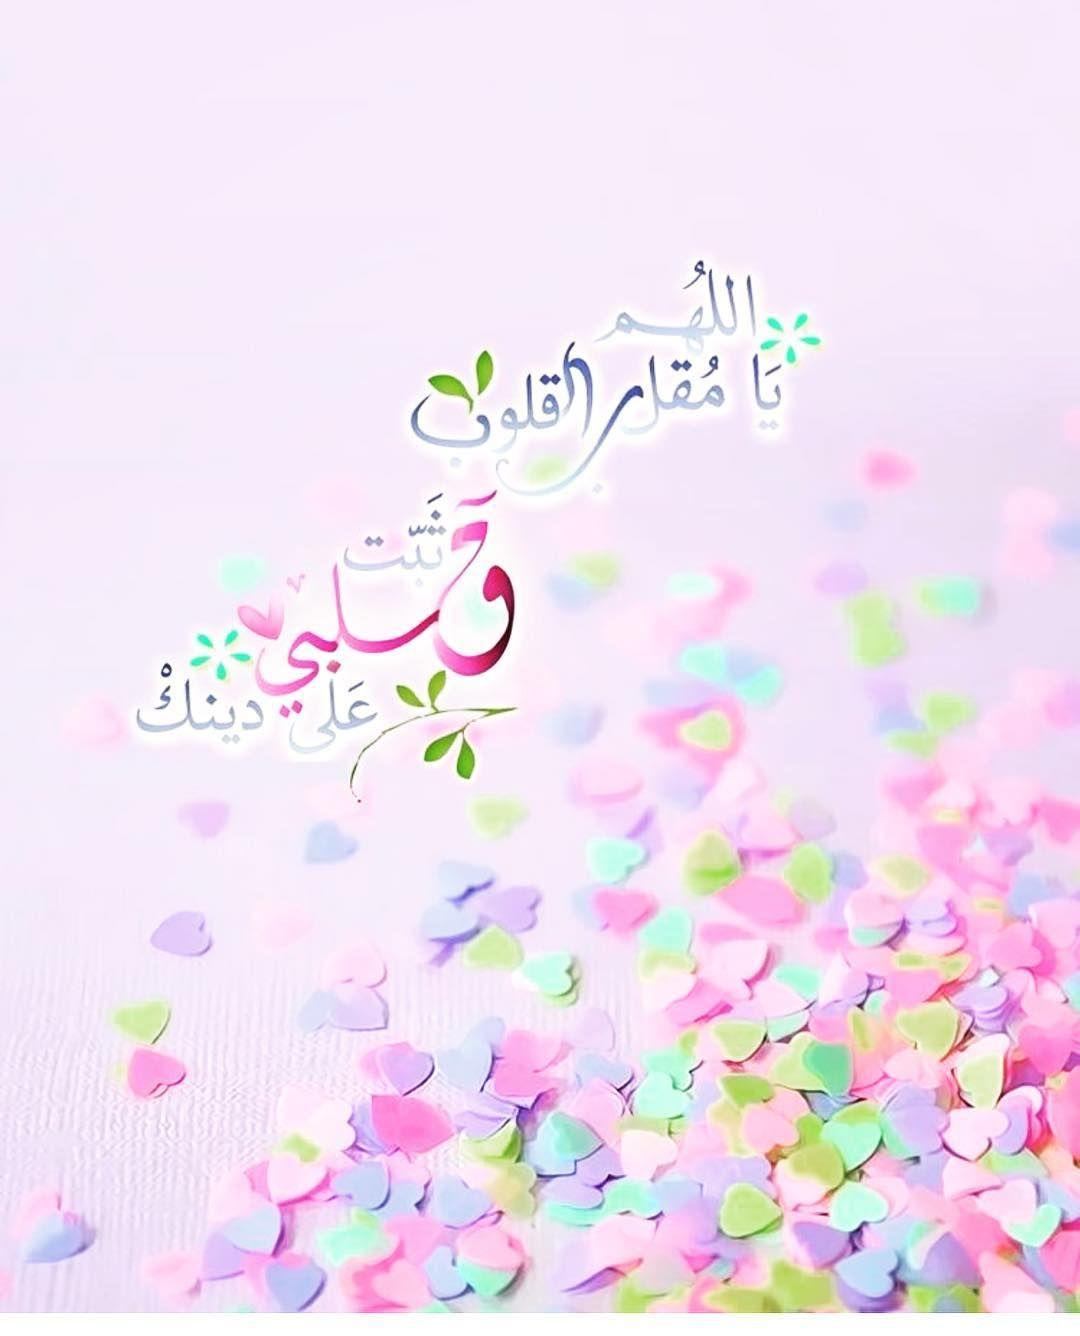 اللهم يا مقلب القلوب ثبت قلوبنا على دينك Islamic Images Quran Verses Islam Quran